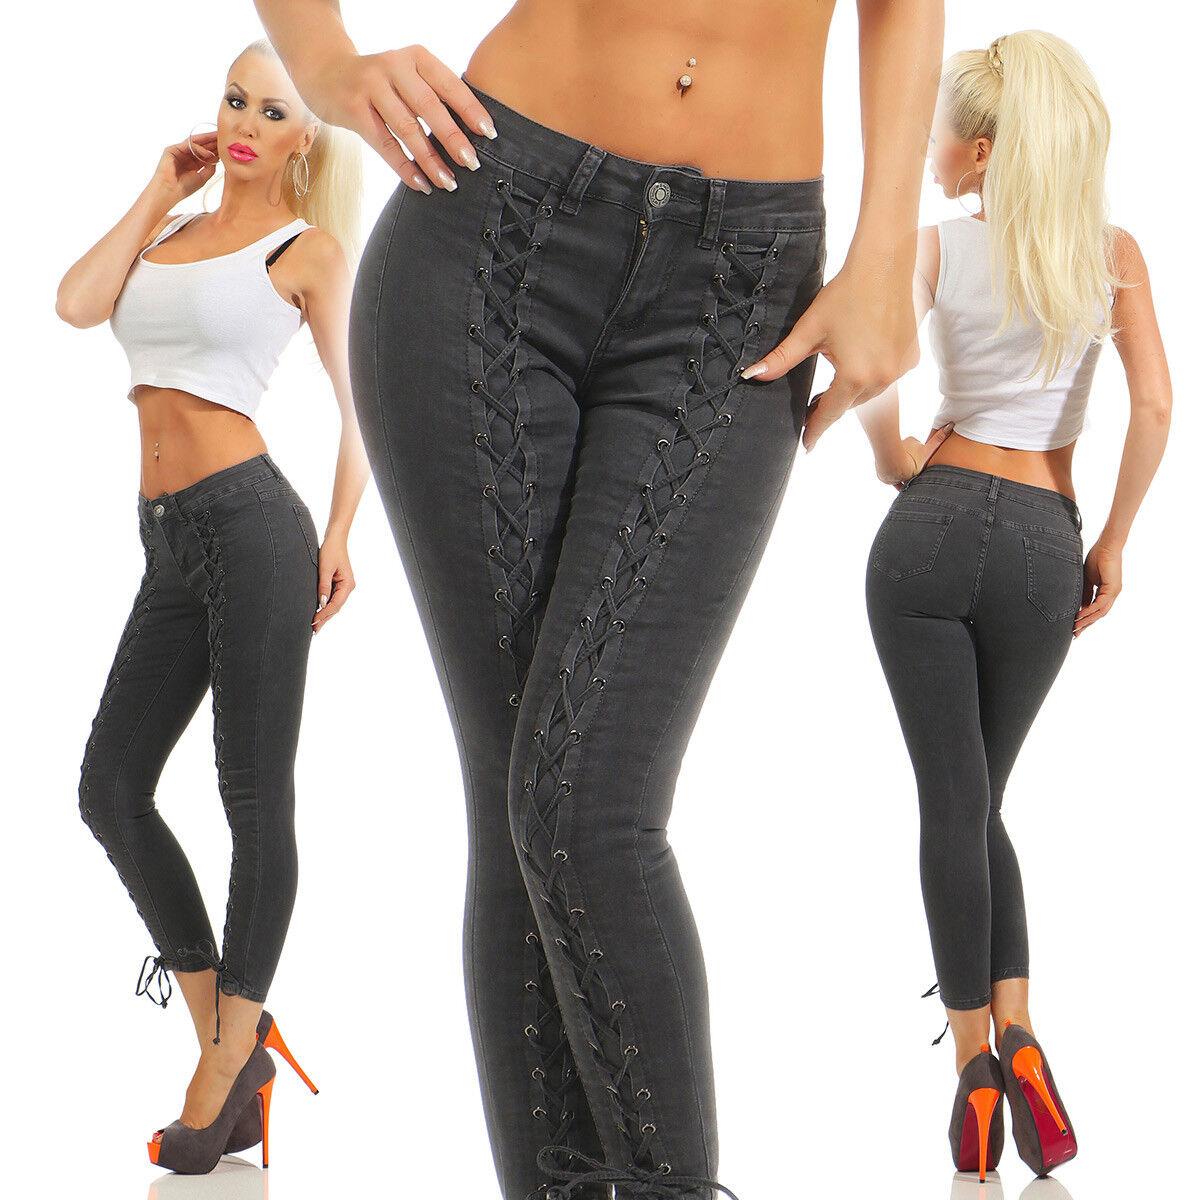 3763 Sexy MOZZAAR Damen Jeans Röhrenjeans Haremshose Damenjeans Skinny Jeans Jeans Jeans | Schön geformt  | Hohe Qualität und günstig  | Neue Sorten werden eingeführt  | Lebendige Form  | Deutschland Online Shop  2ddc84